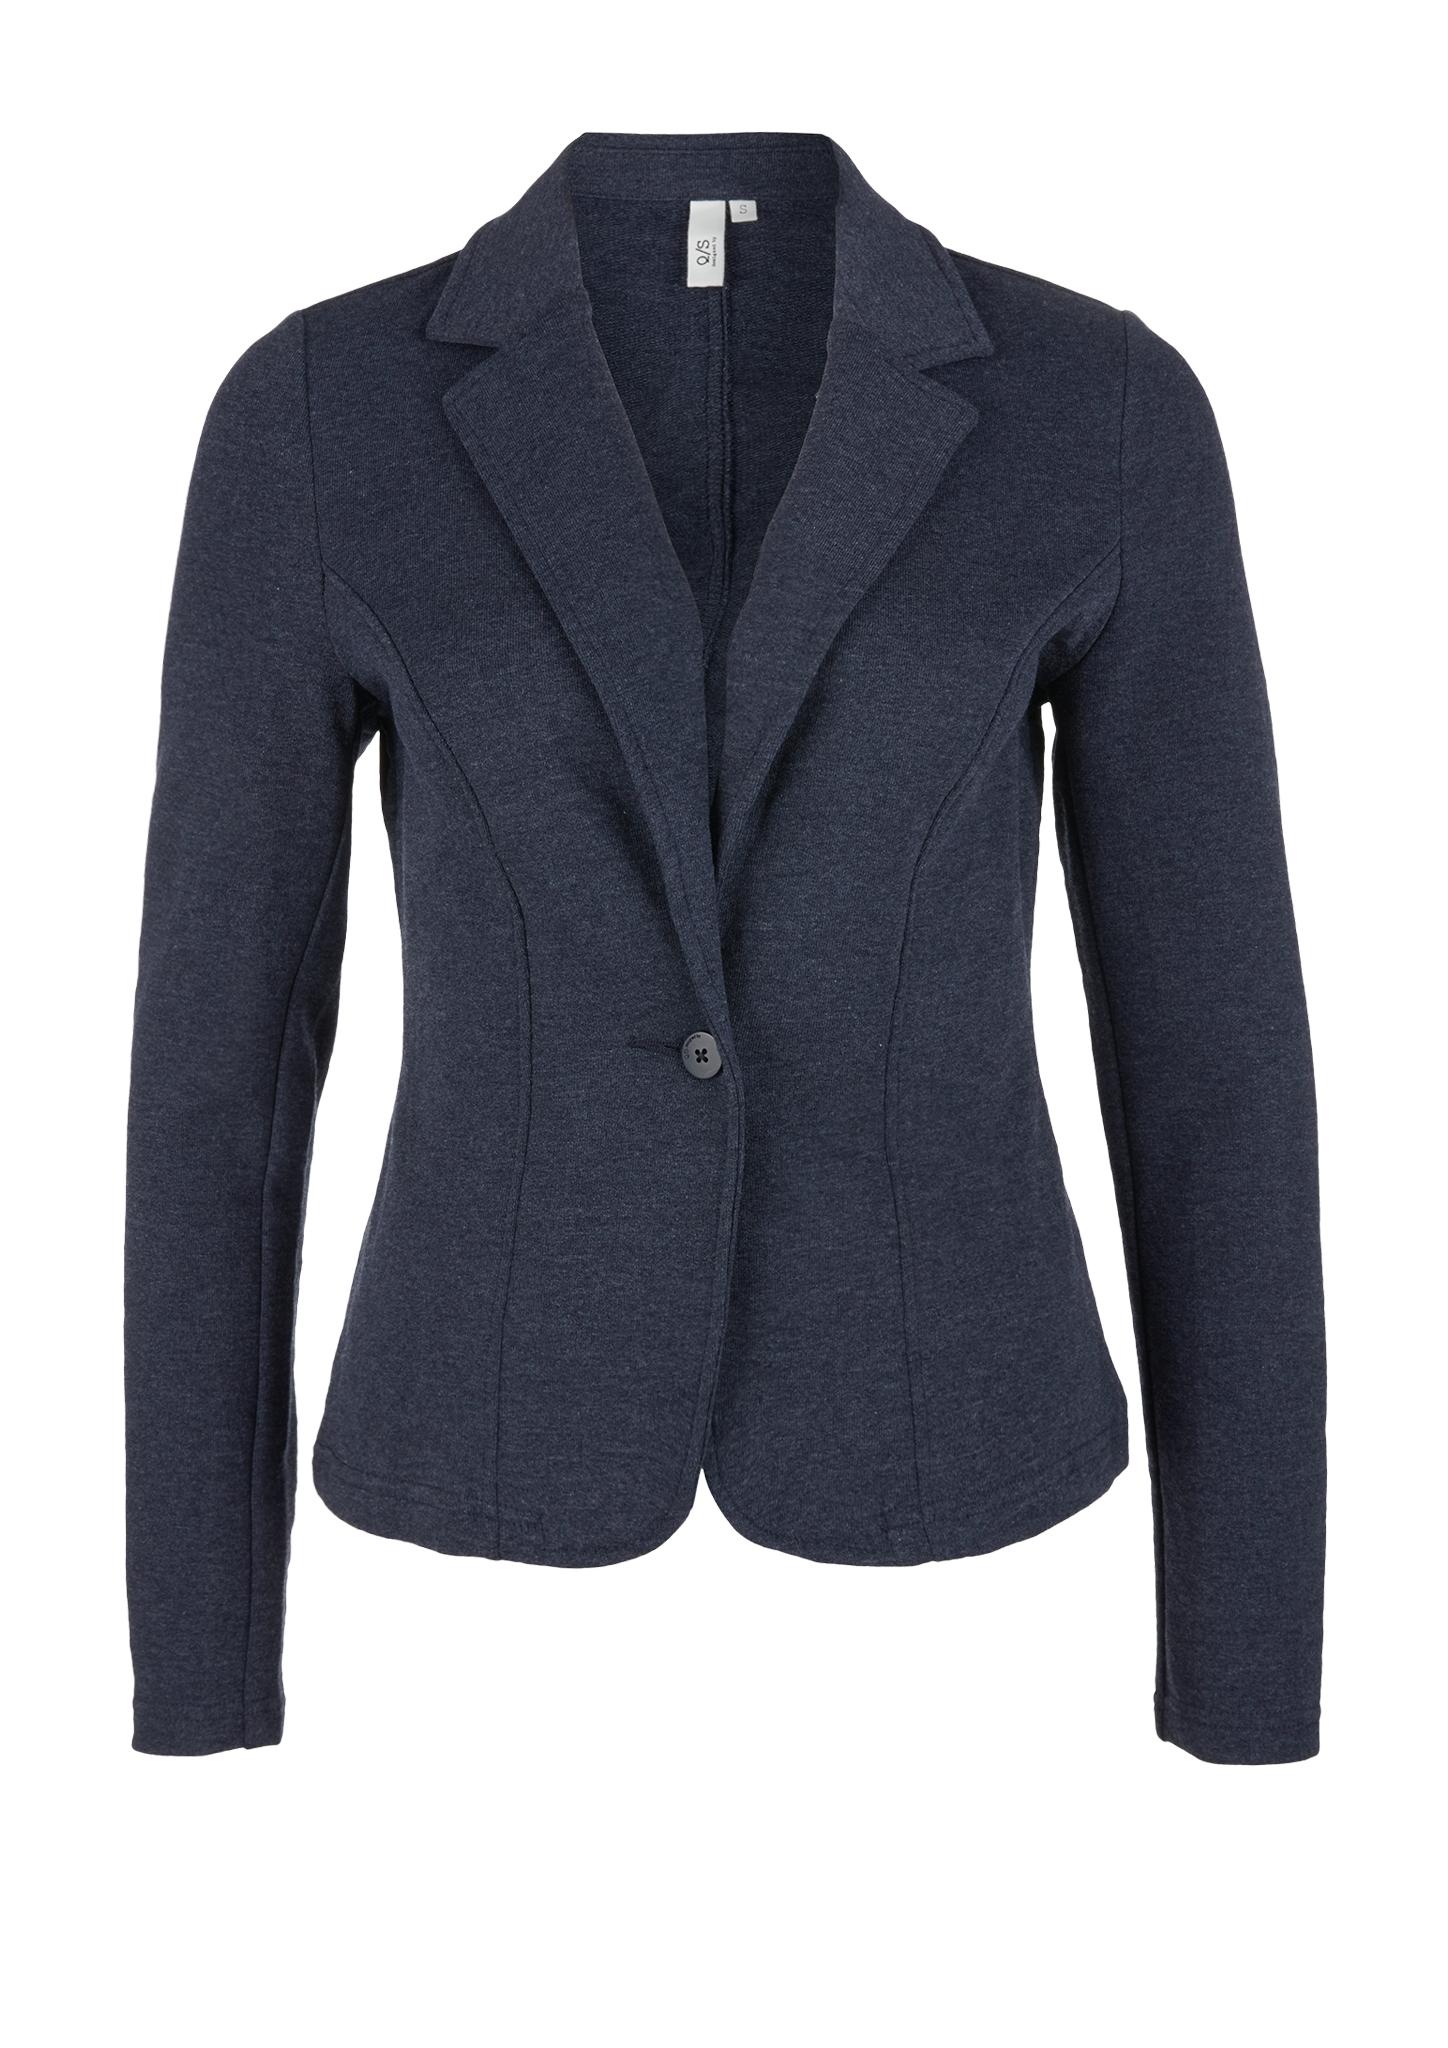 Sweatblazer | Bekleidung > Blazer > Sweatblazer | Blau | 60% baumwolle -  40% polyester | Q/S designed by